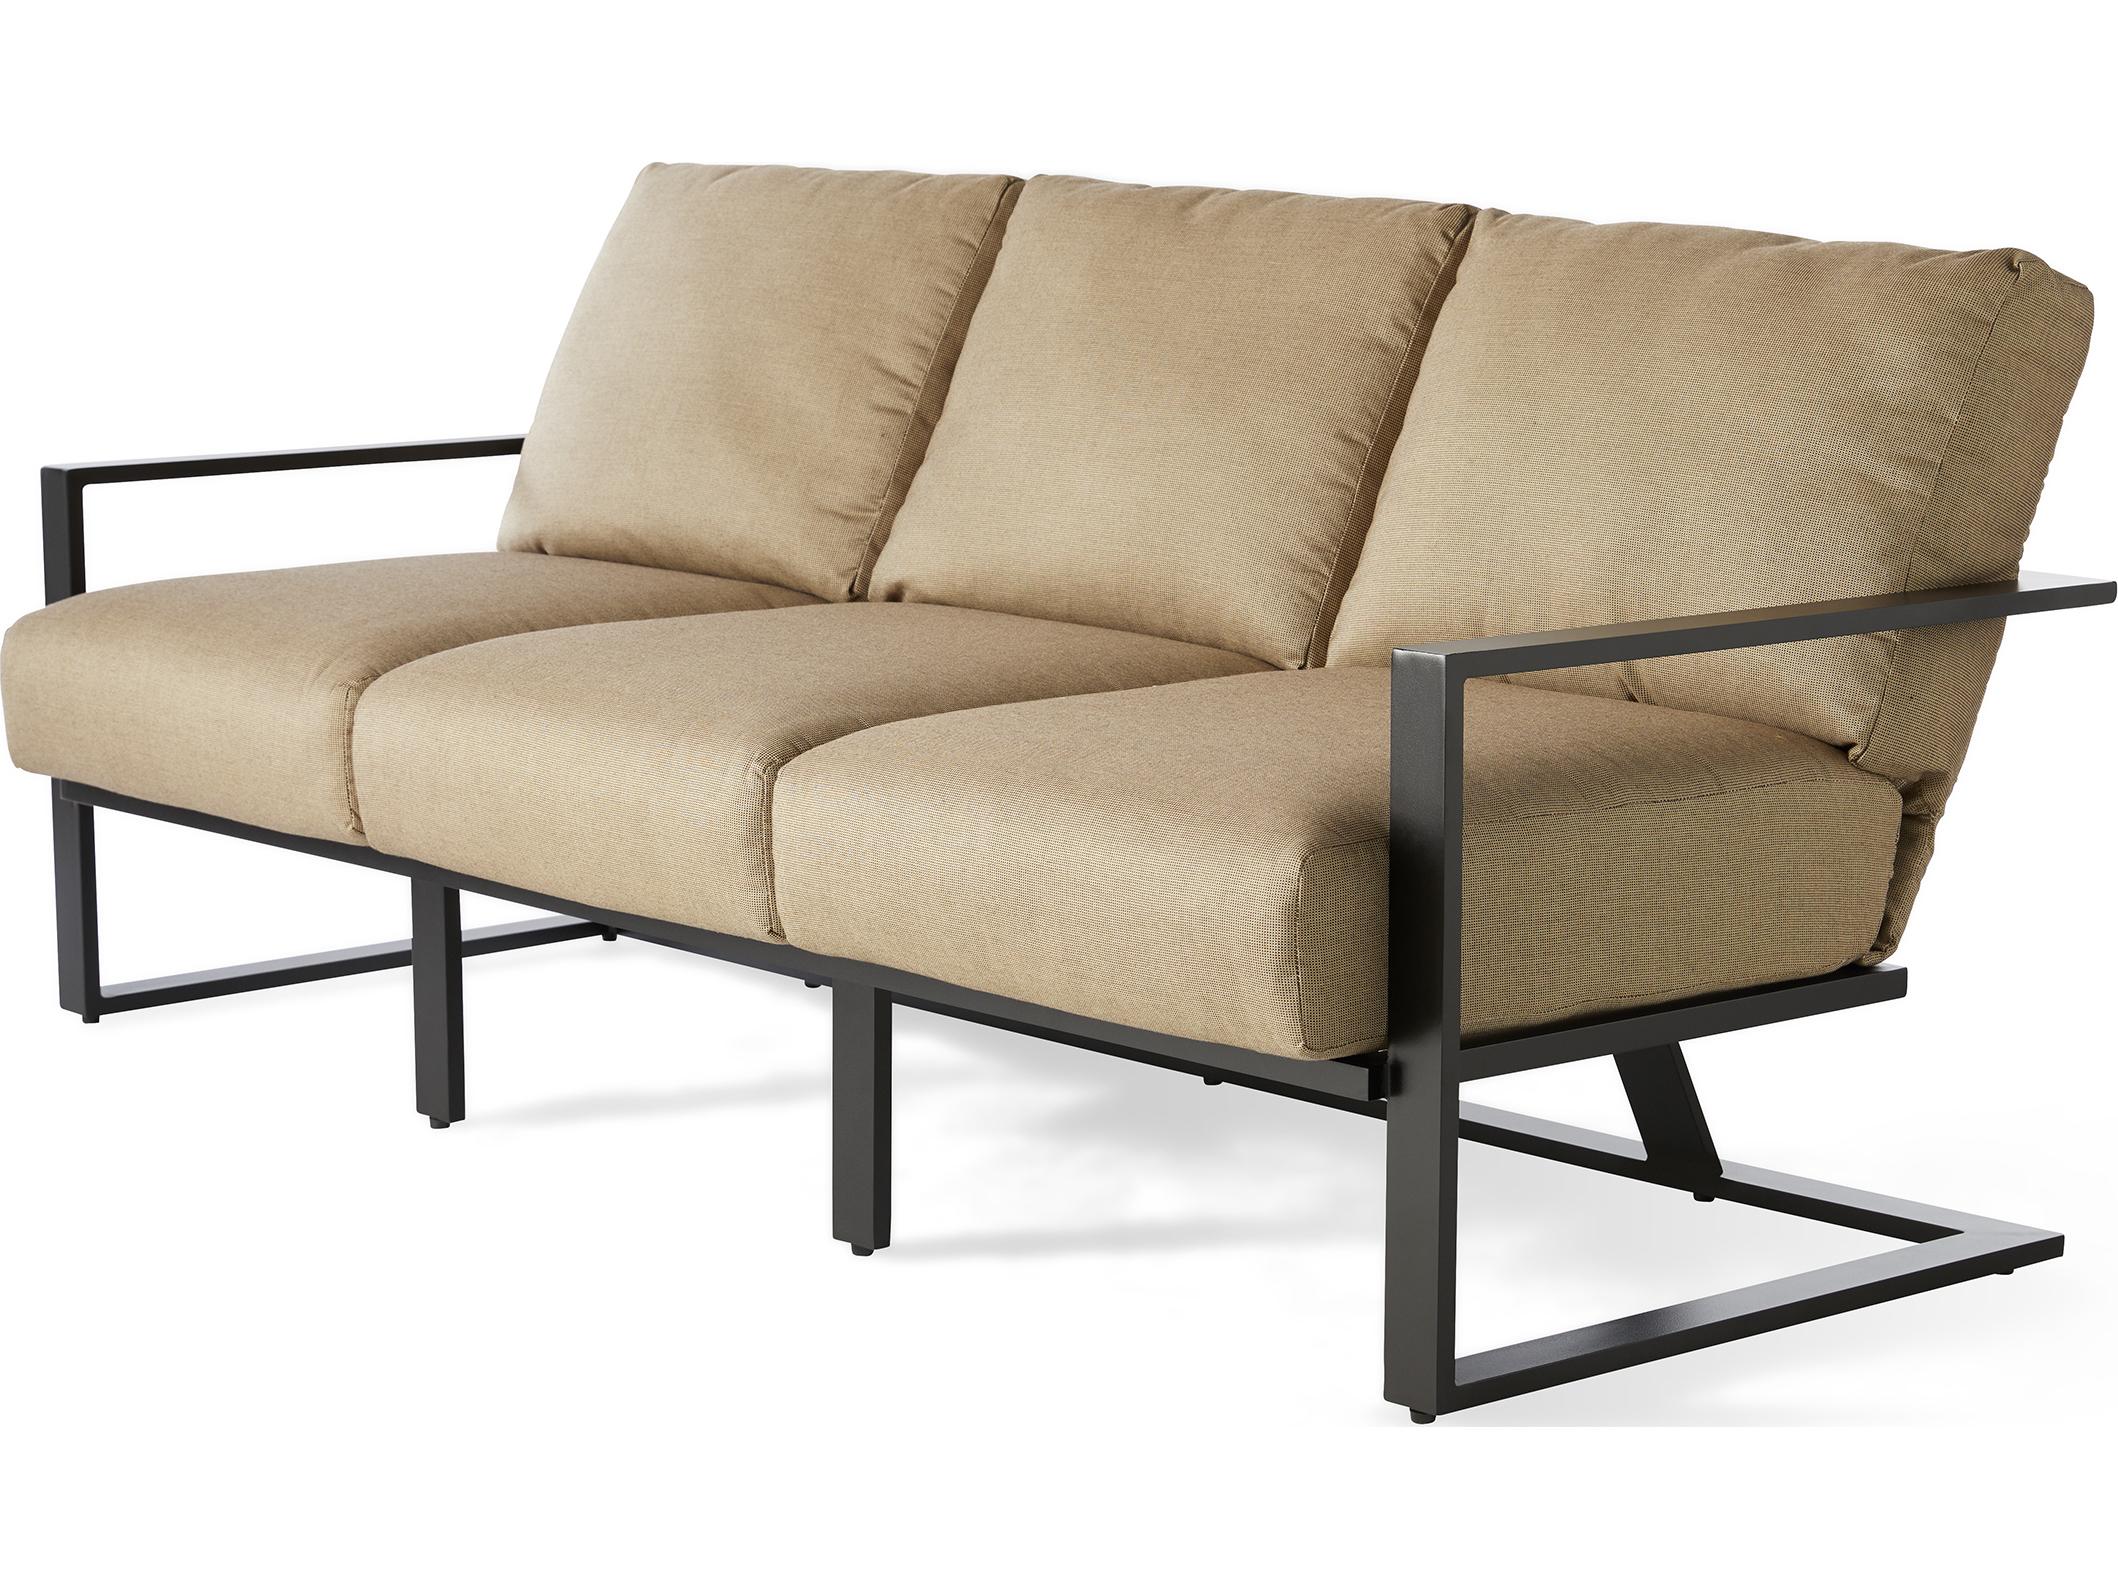 Mallin Quincy Aluminum Sofa